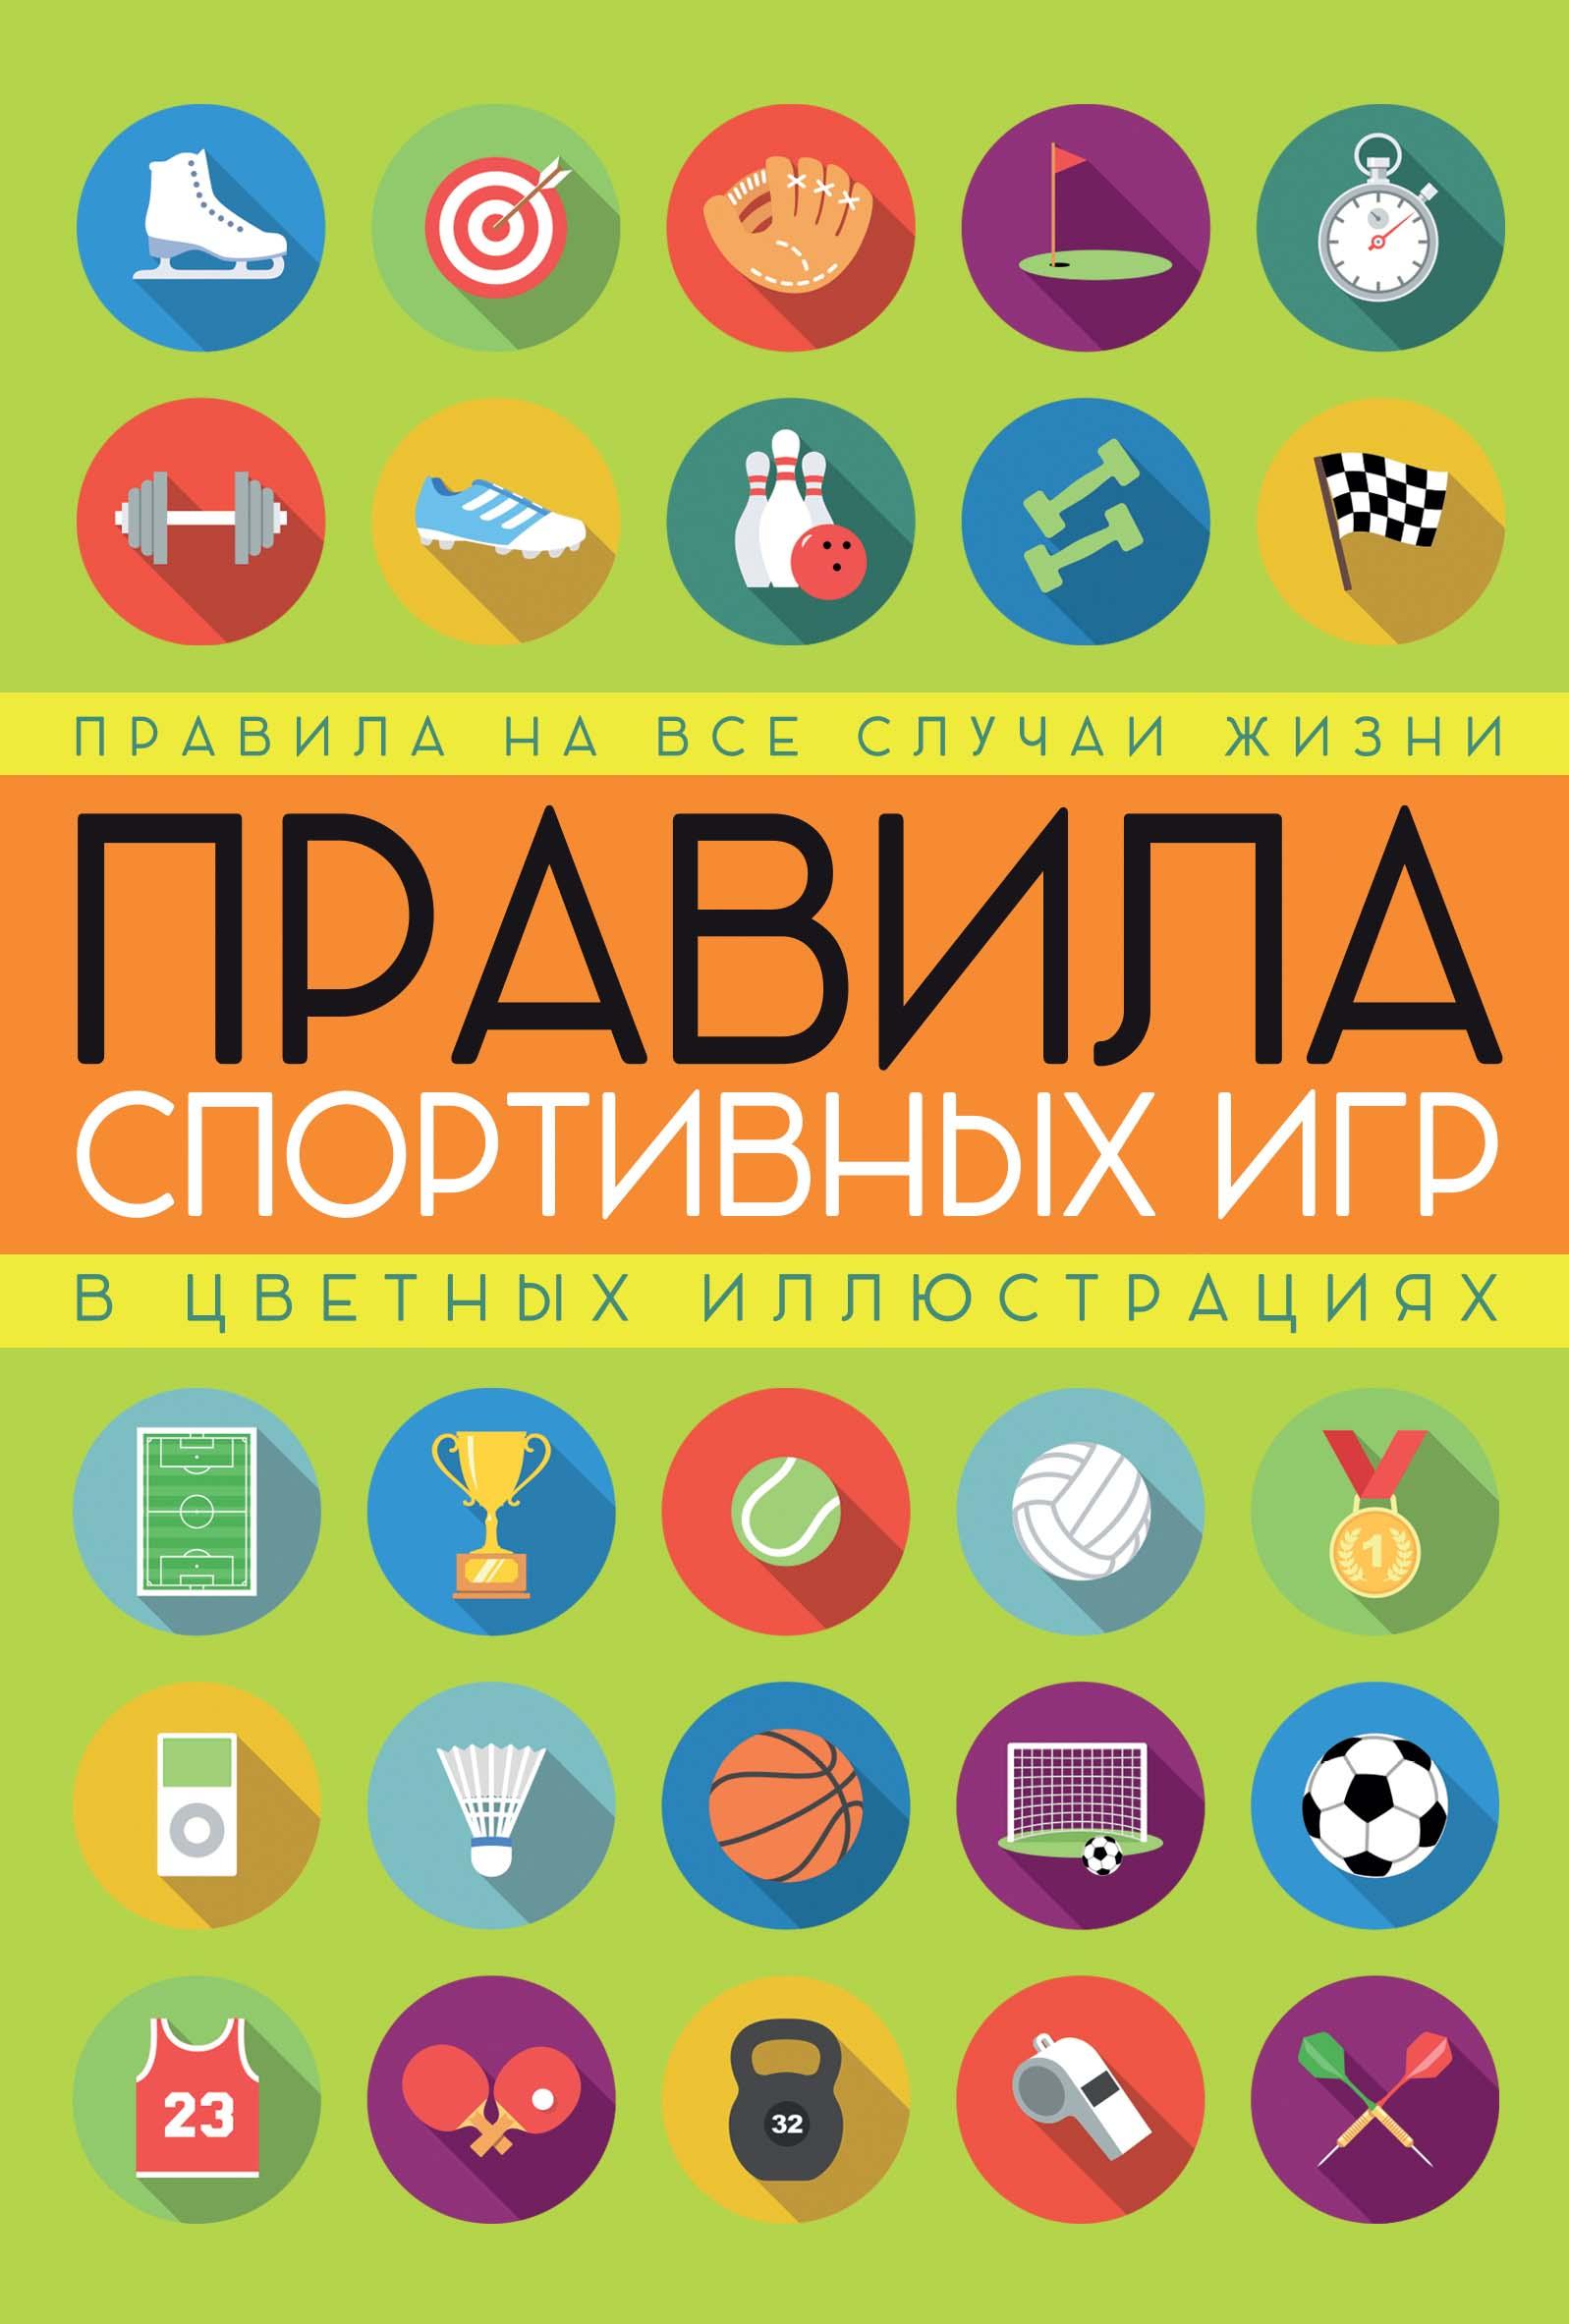 Правила спортивных игр в цветных иллюстрациях